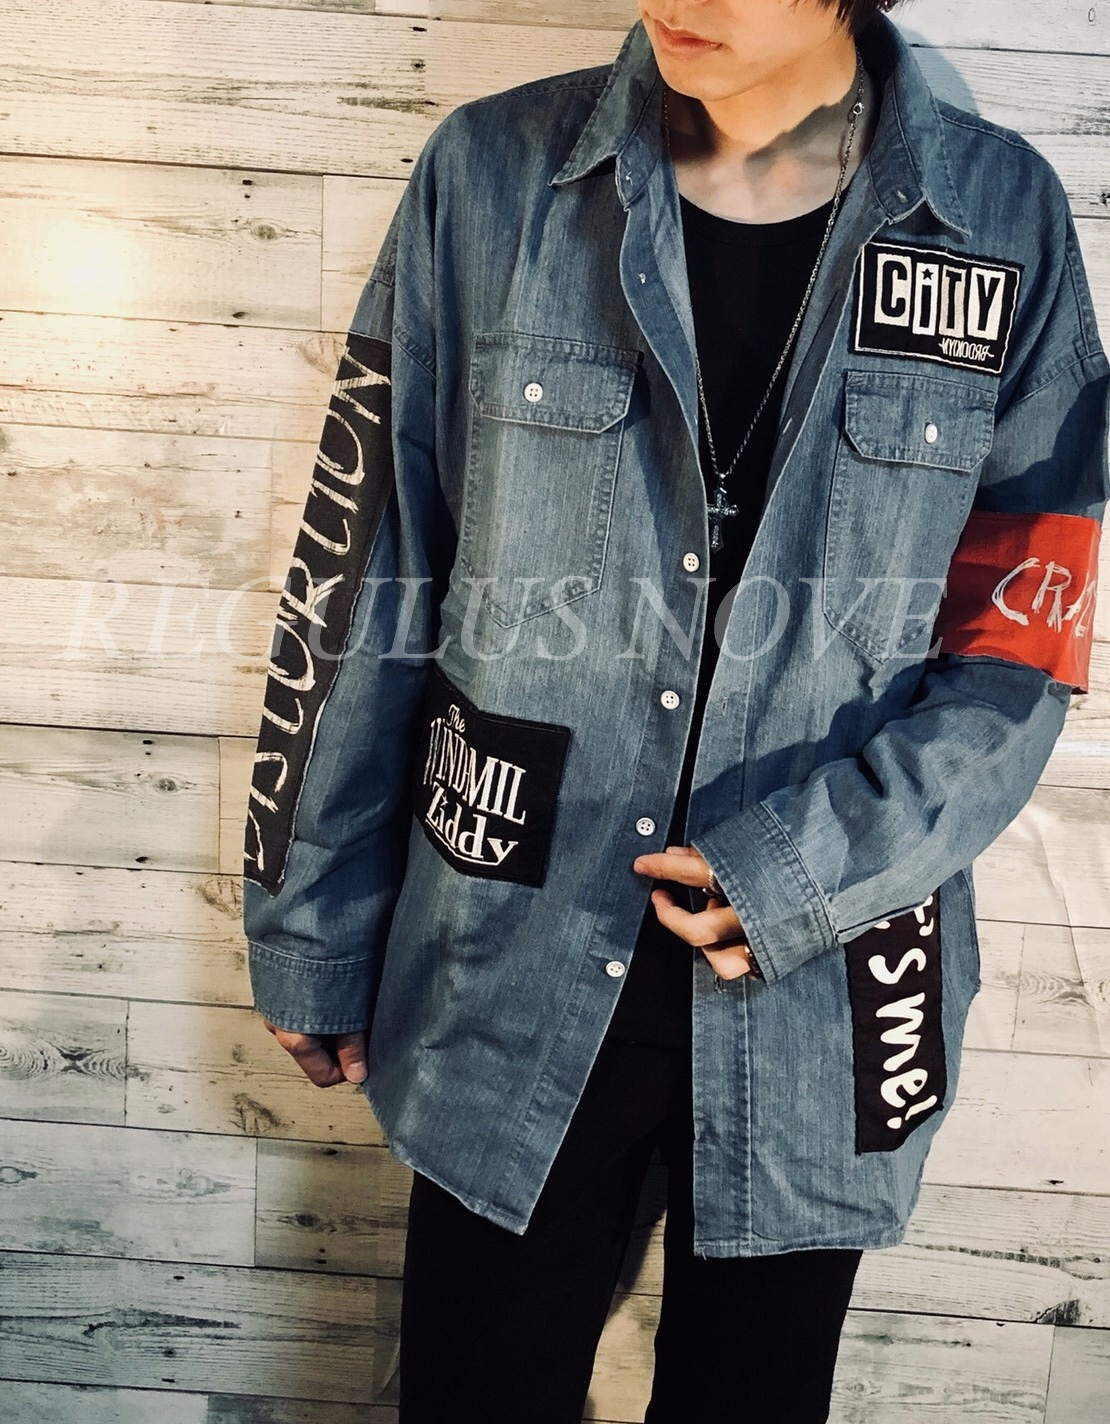 ユニセックス  パッチデザインBIGデニムシャツ  レディース  メンズ オーバーサイズ 大きいサイズ 派手 個性的 ストリート ロック